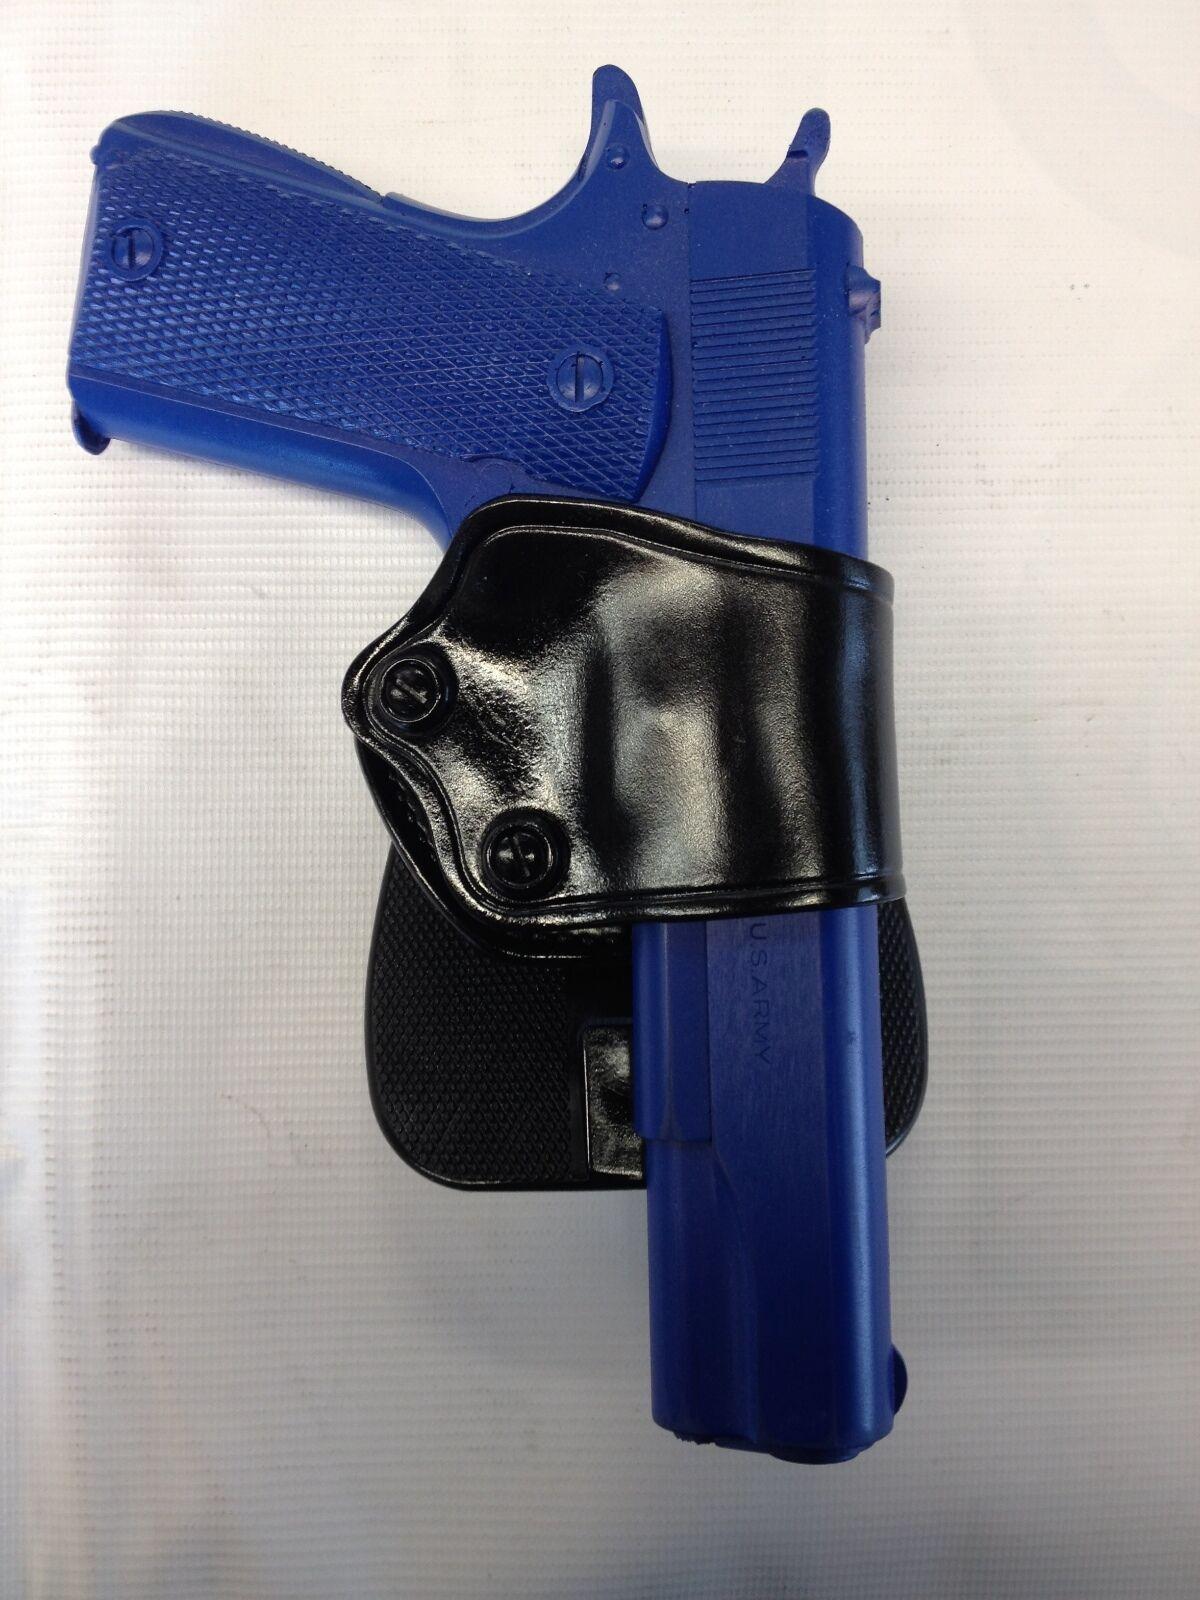 Galco Yaqui Paddle Funda Beretta, Glock, Sig, CZ, Ruger L.h. Bk, parte yp203b